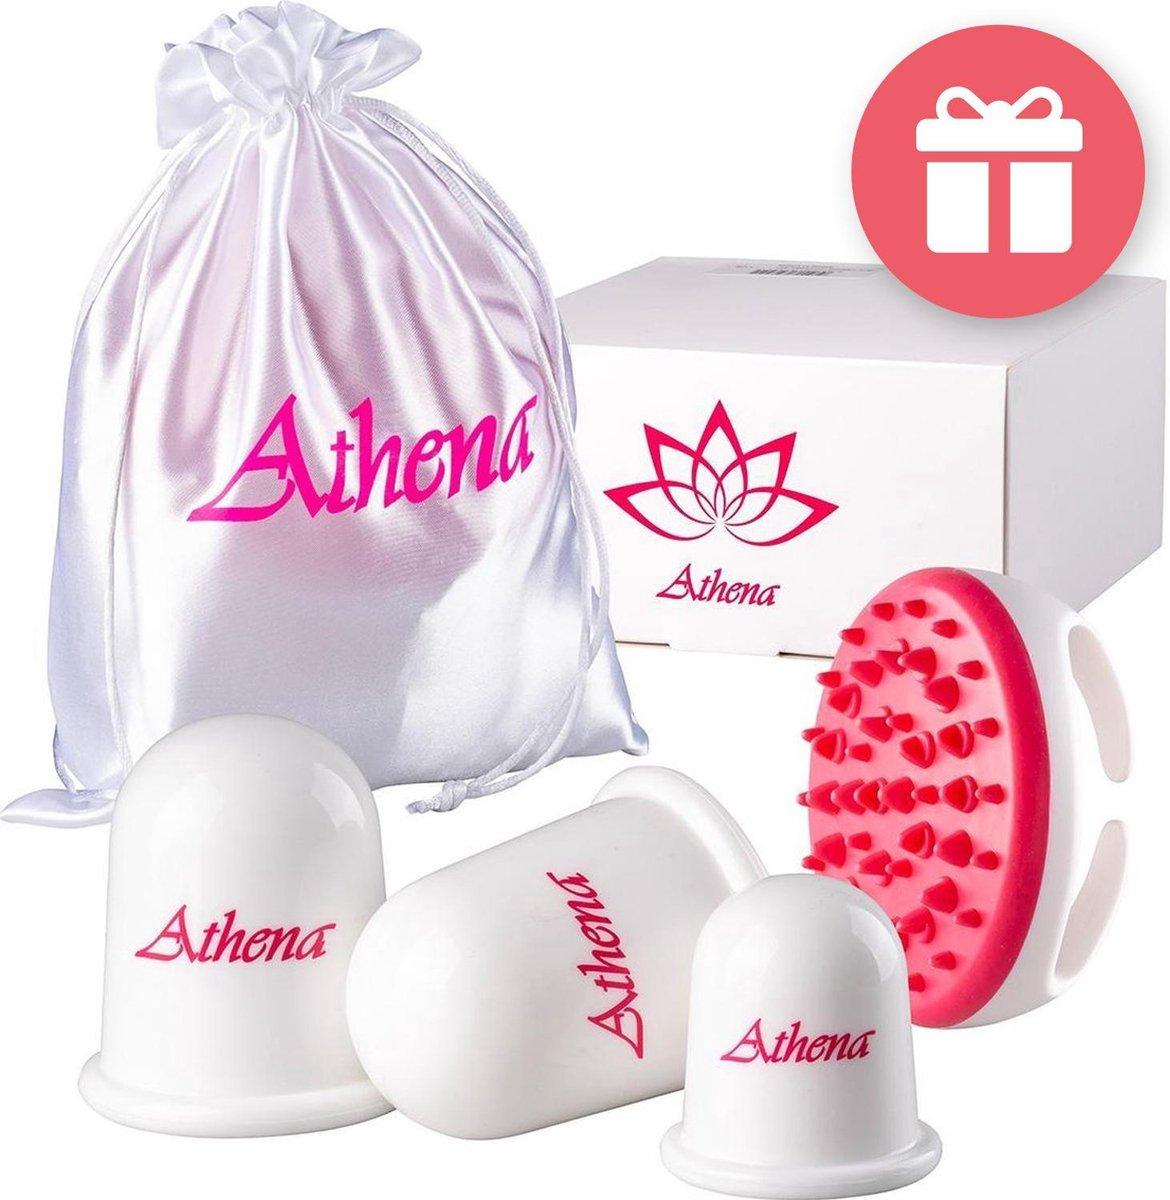 Premium Cellulite Cups - Cellulite Massage Apparaat - Cellulitis Apparaat - Cupping Set - Vacu m Mas